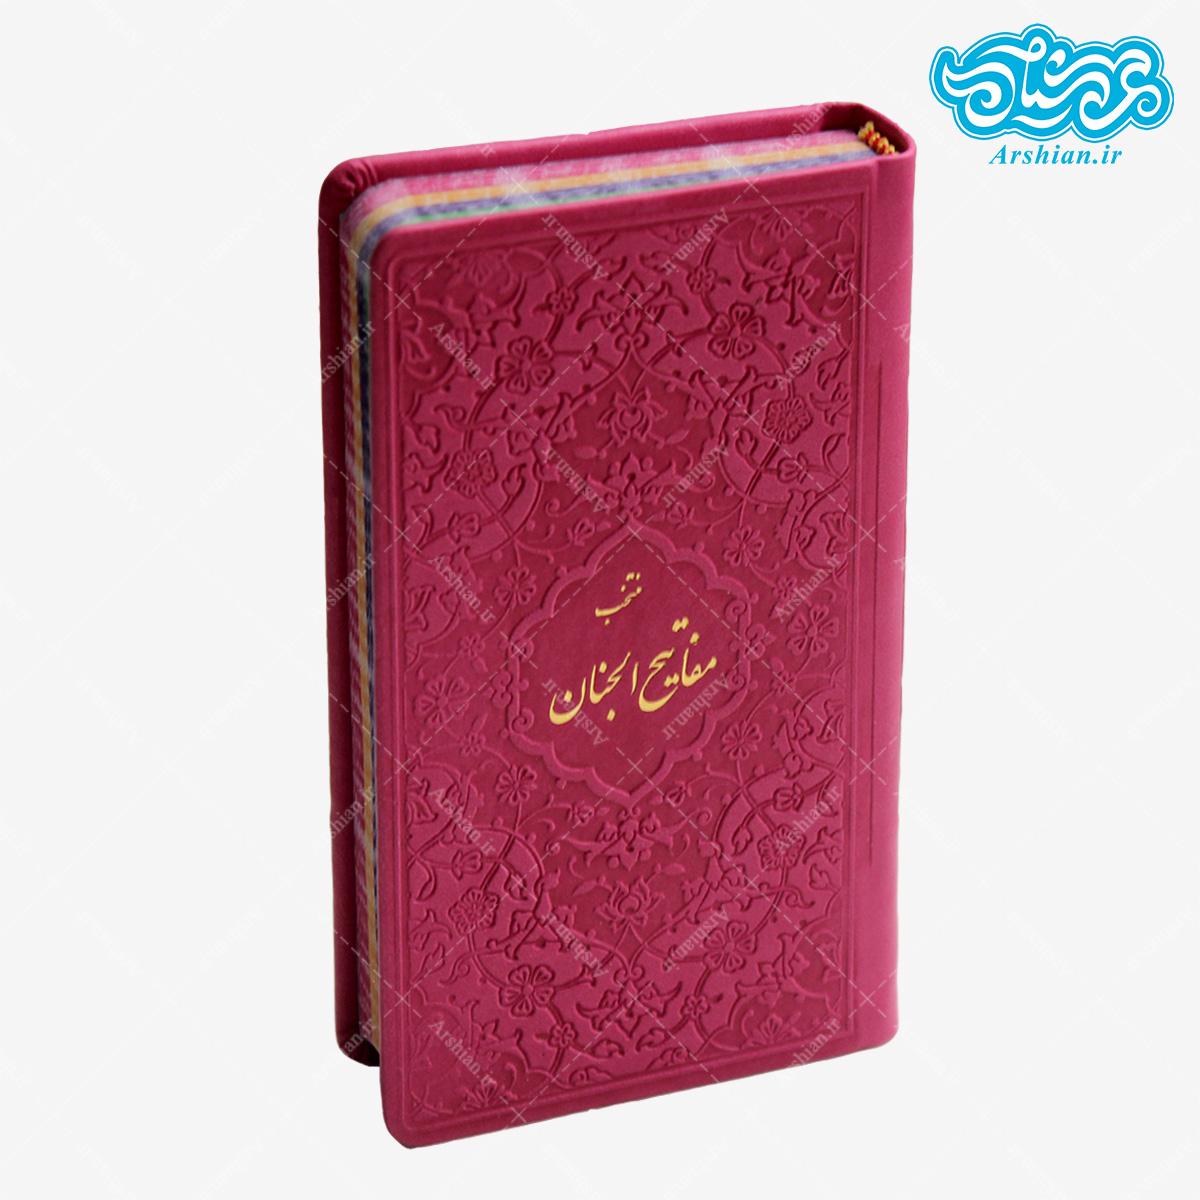 منتخب مفاتیح الجنان پالتویی صفحه رنگی